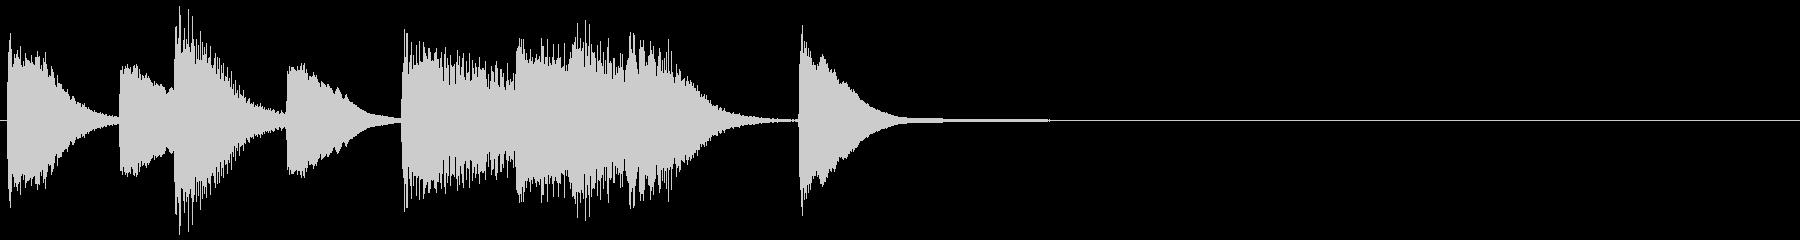 ピアノ ジングル01 プレーンの未再生の波形